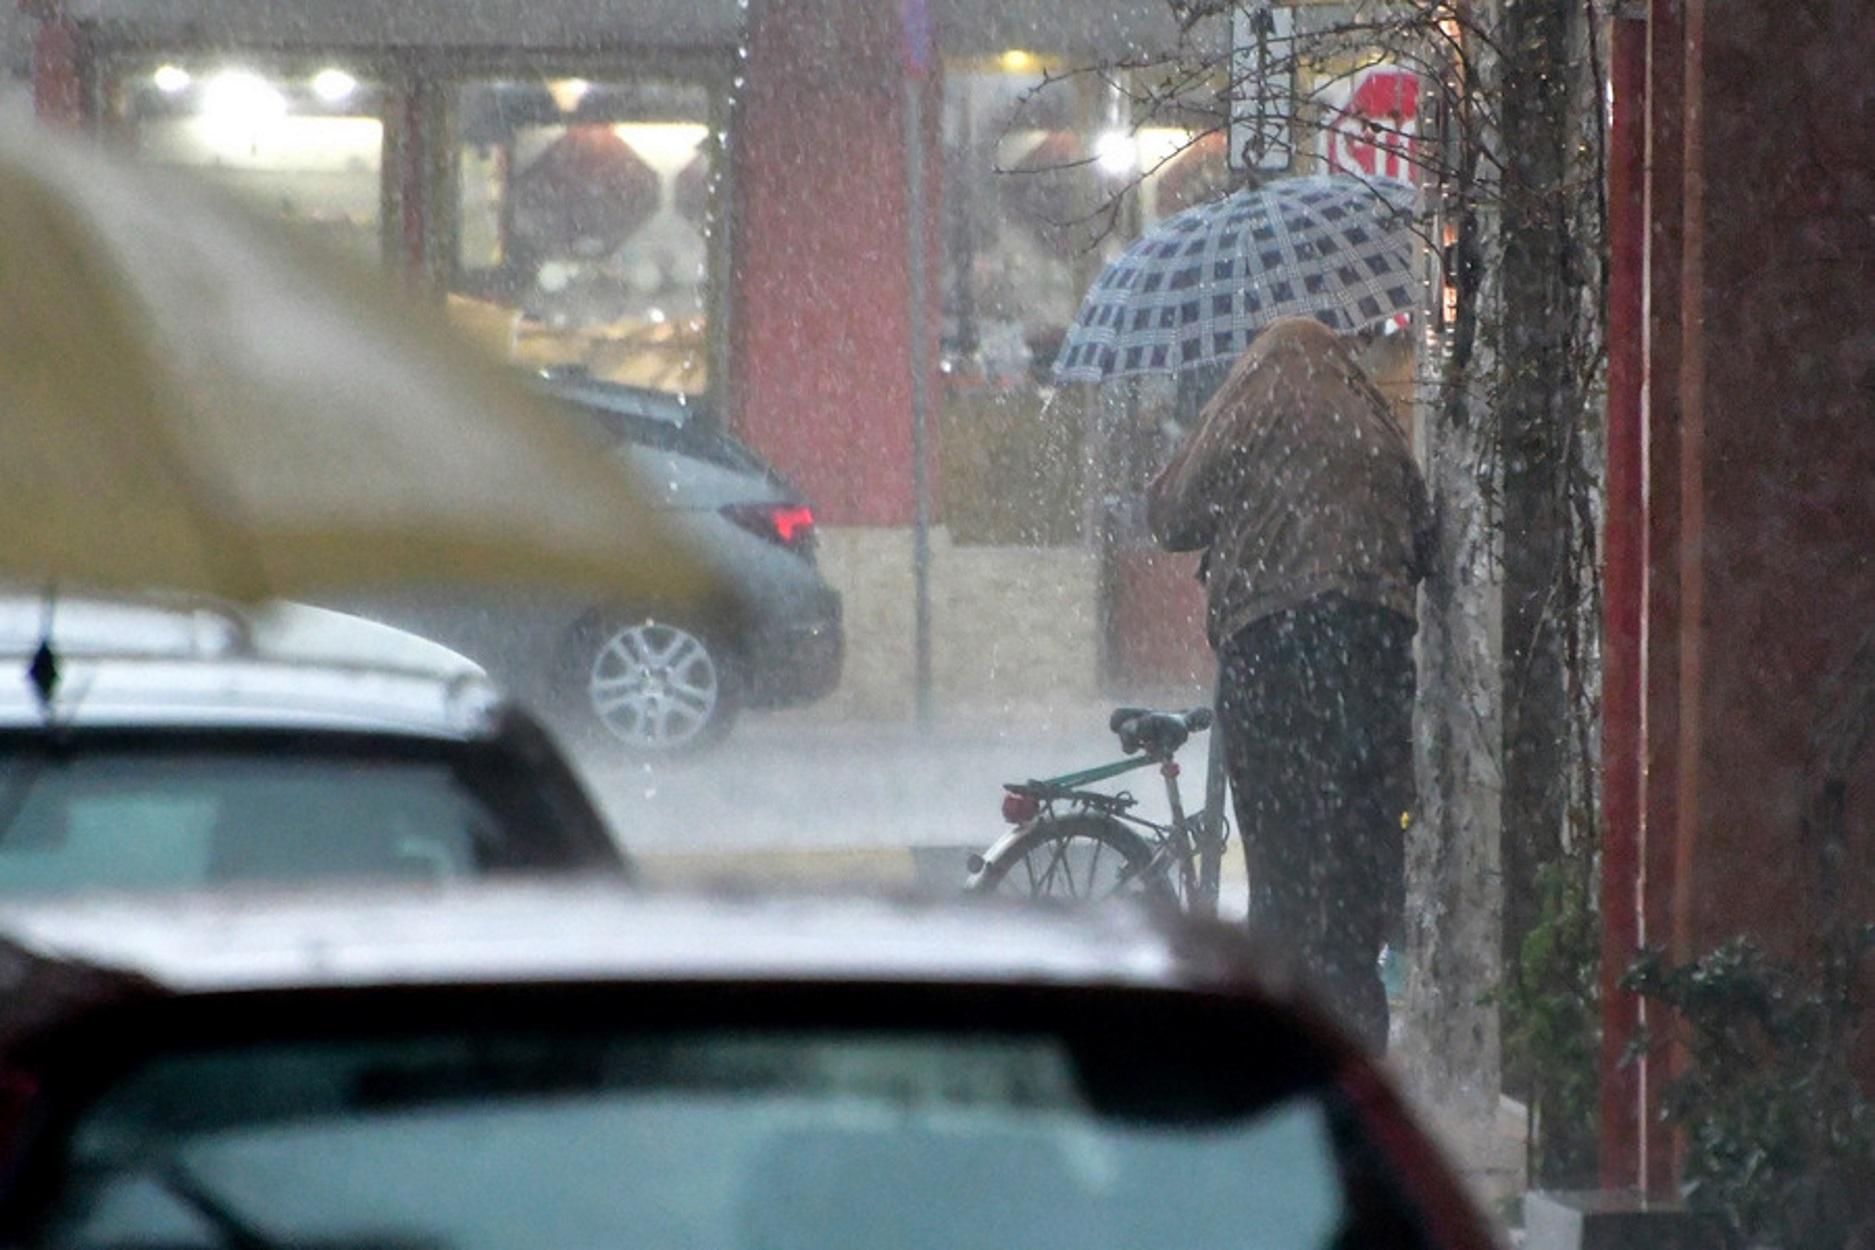 """Ποιό φθινόπωρο; Χειμώνας! """"Αγριεύει"""" και πάλι ο καιρός - Κακοκαιρία με καταιγίδες, χαλάζι και ισχυρούς ανέμους έως την Τετάρτη"""